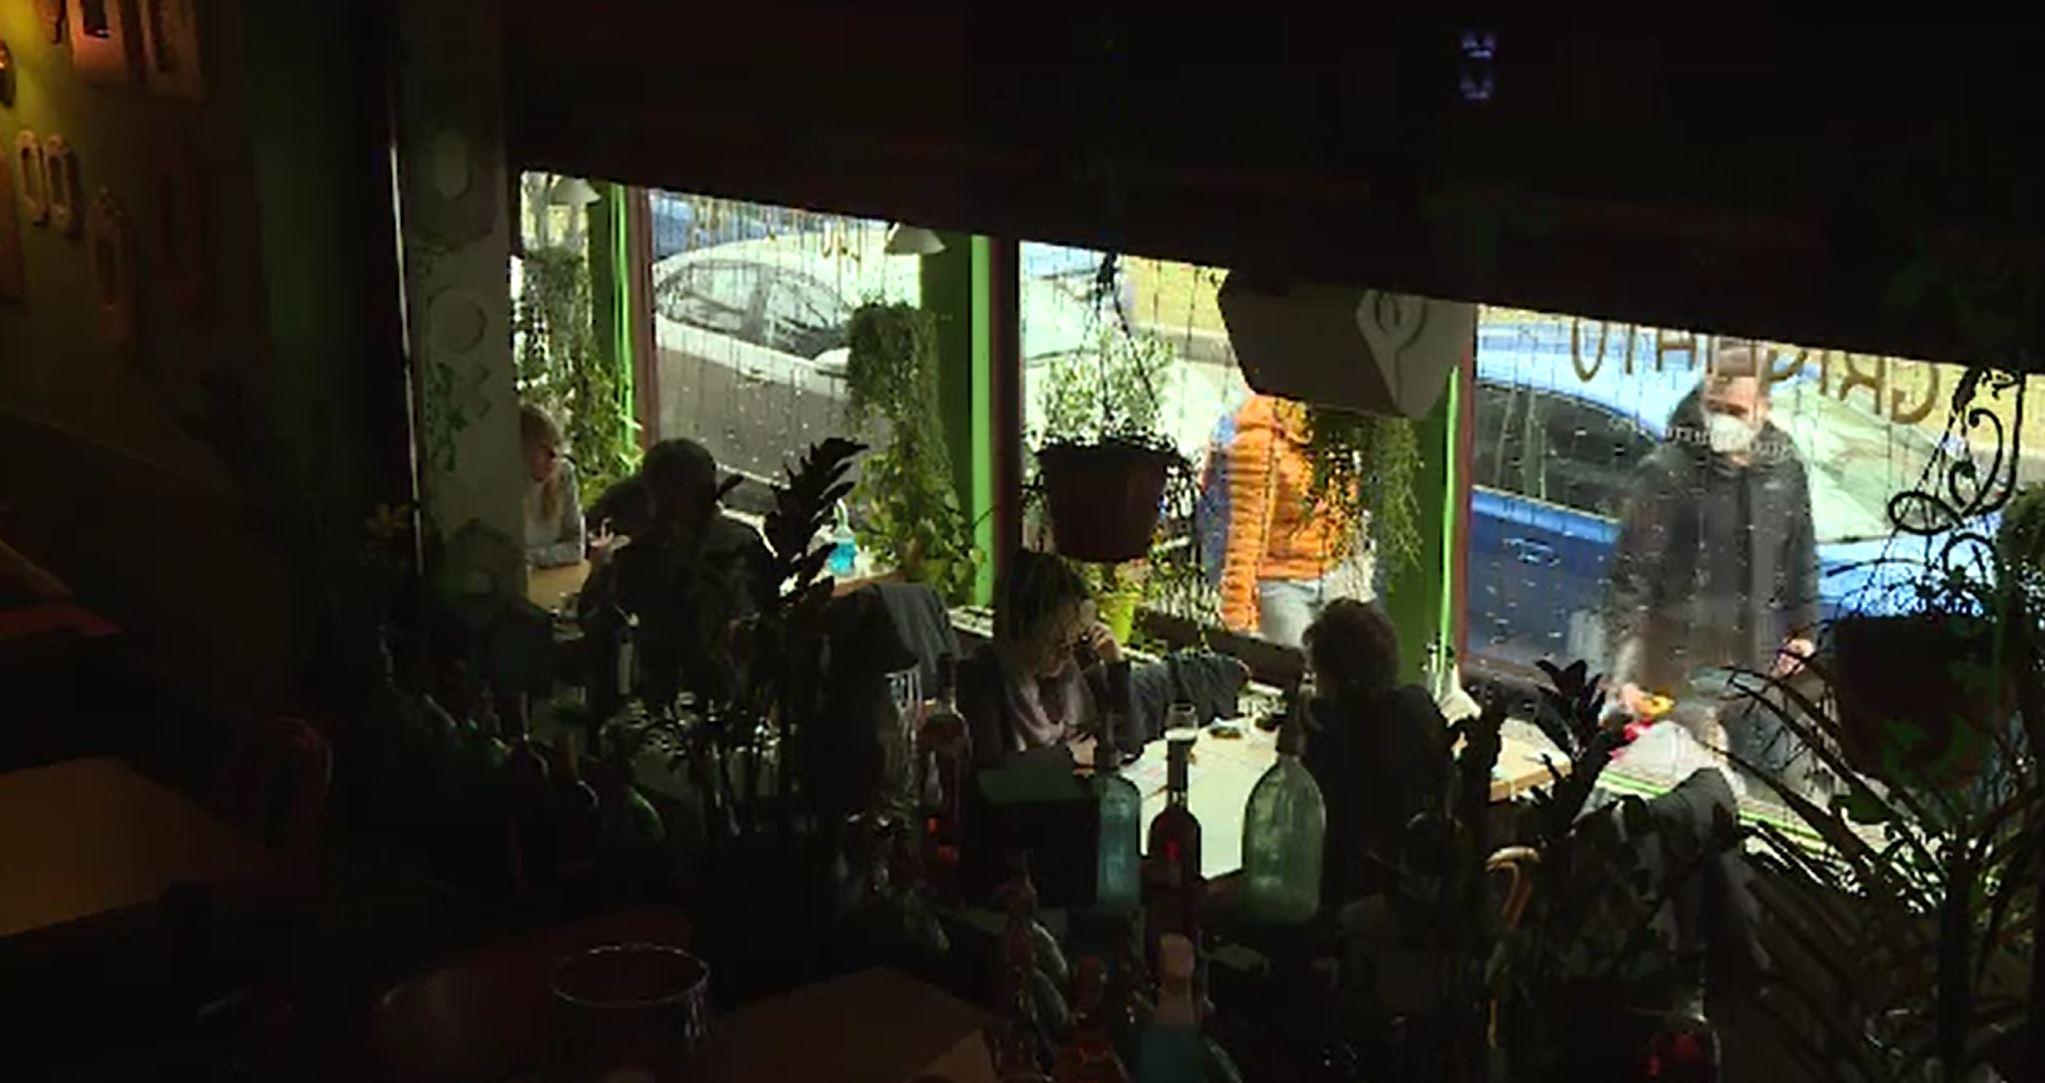 Cum s-au adaptat restaurantele pentru a supraviețui restricțiilor impuse de autorități